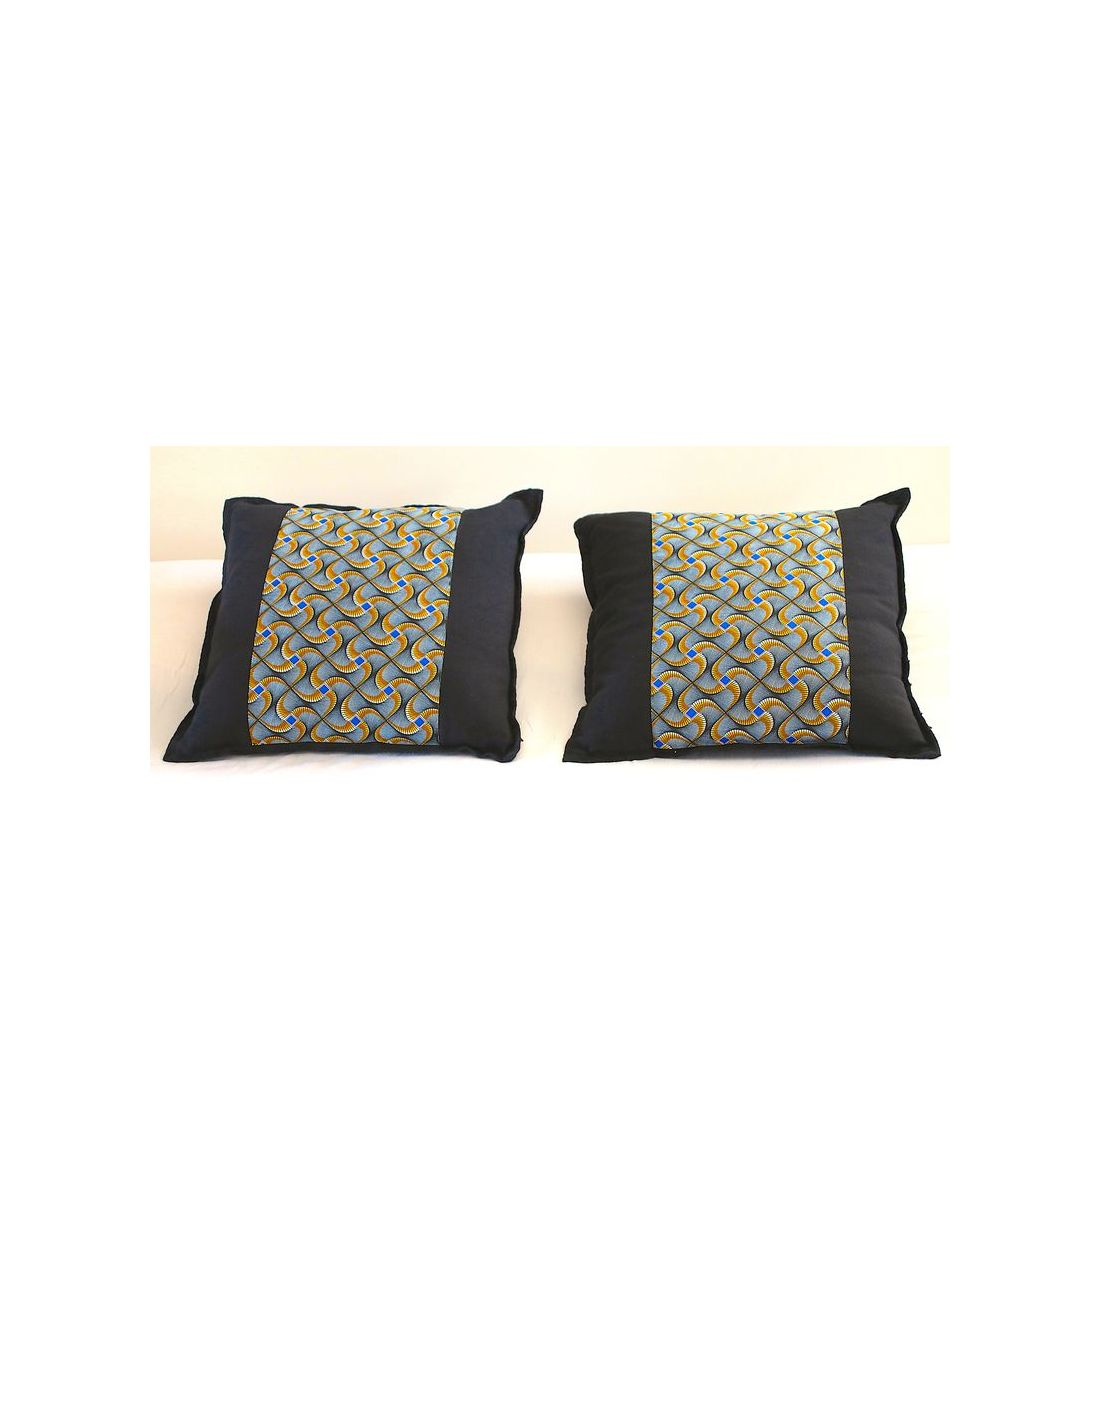 jet de lit matelass et coussins en wax et coton. Black Bedroom Furniture Sets. Home Design Ideas